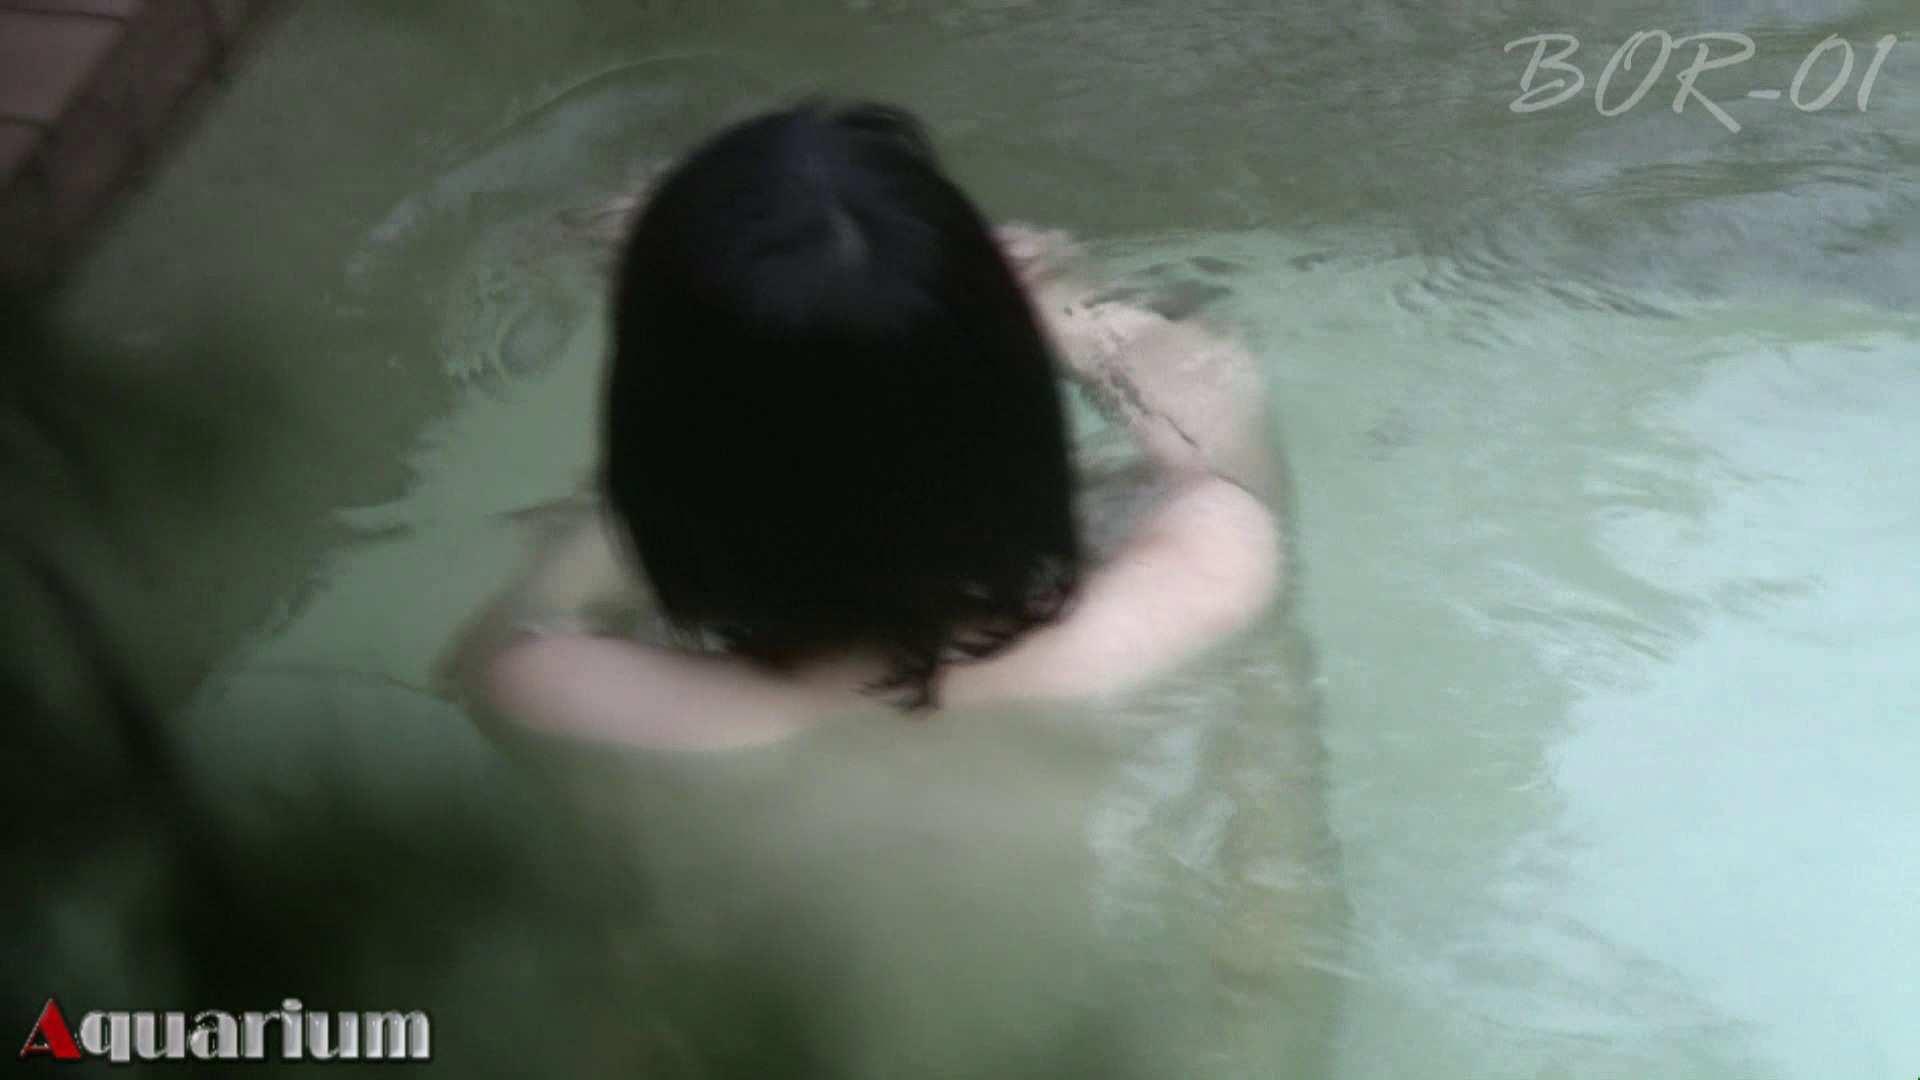 Aquaな露天風呂Vol.466 OLエロ画像  93PICs 45